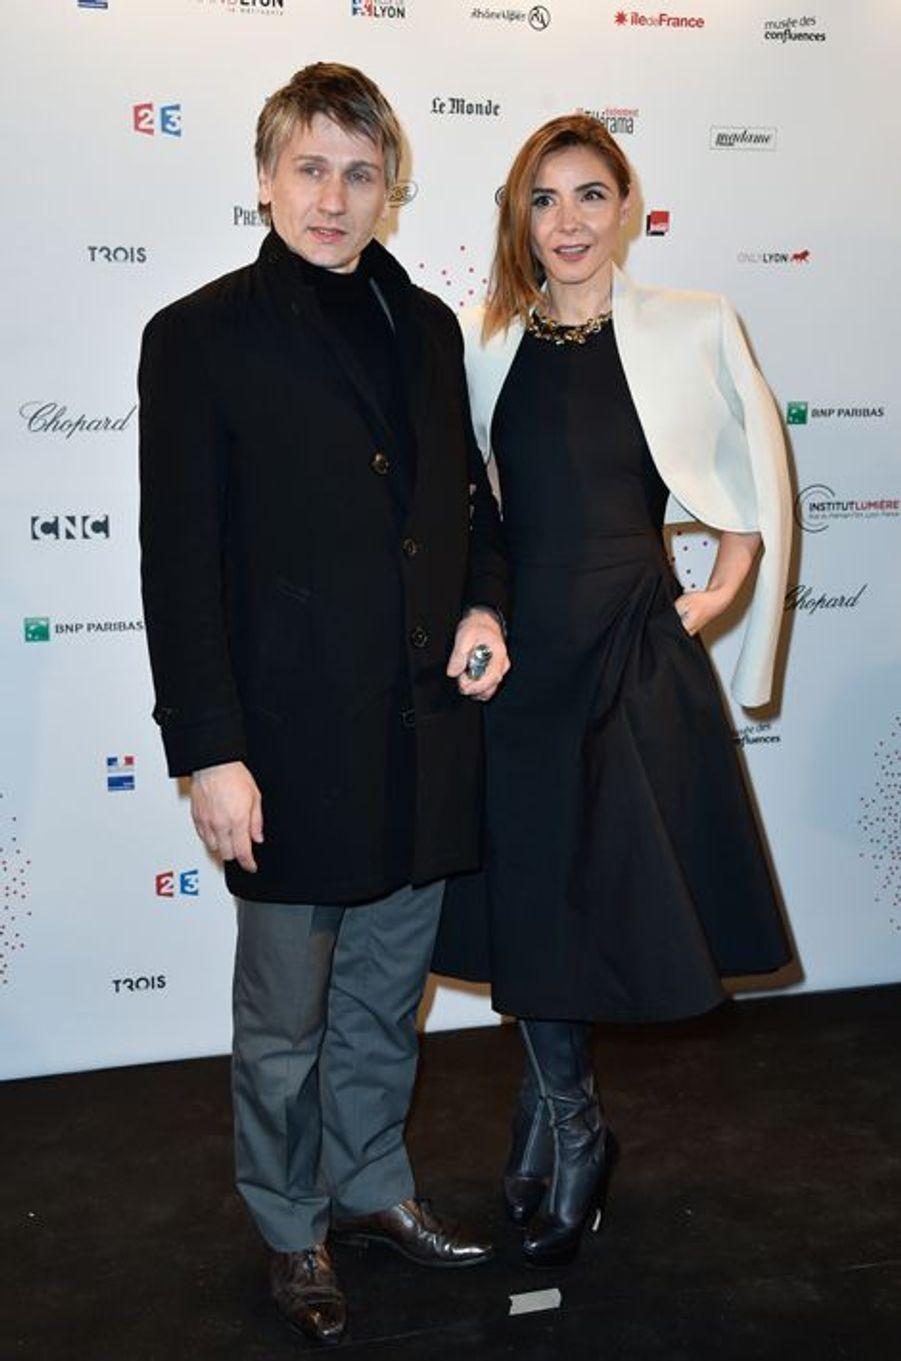 Stanislas Merhar et Clotilde Courau à Paris le 26 mars 2015